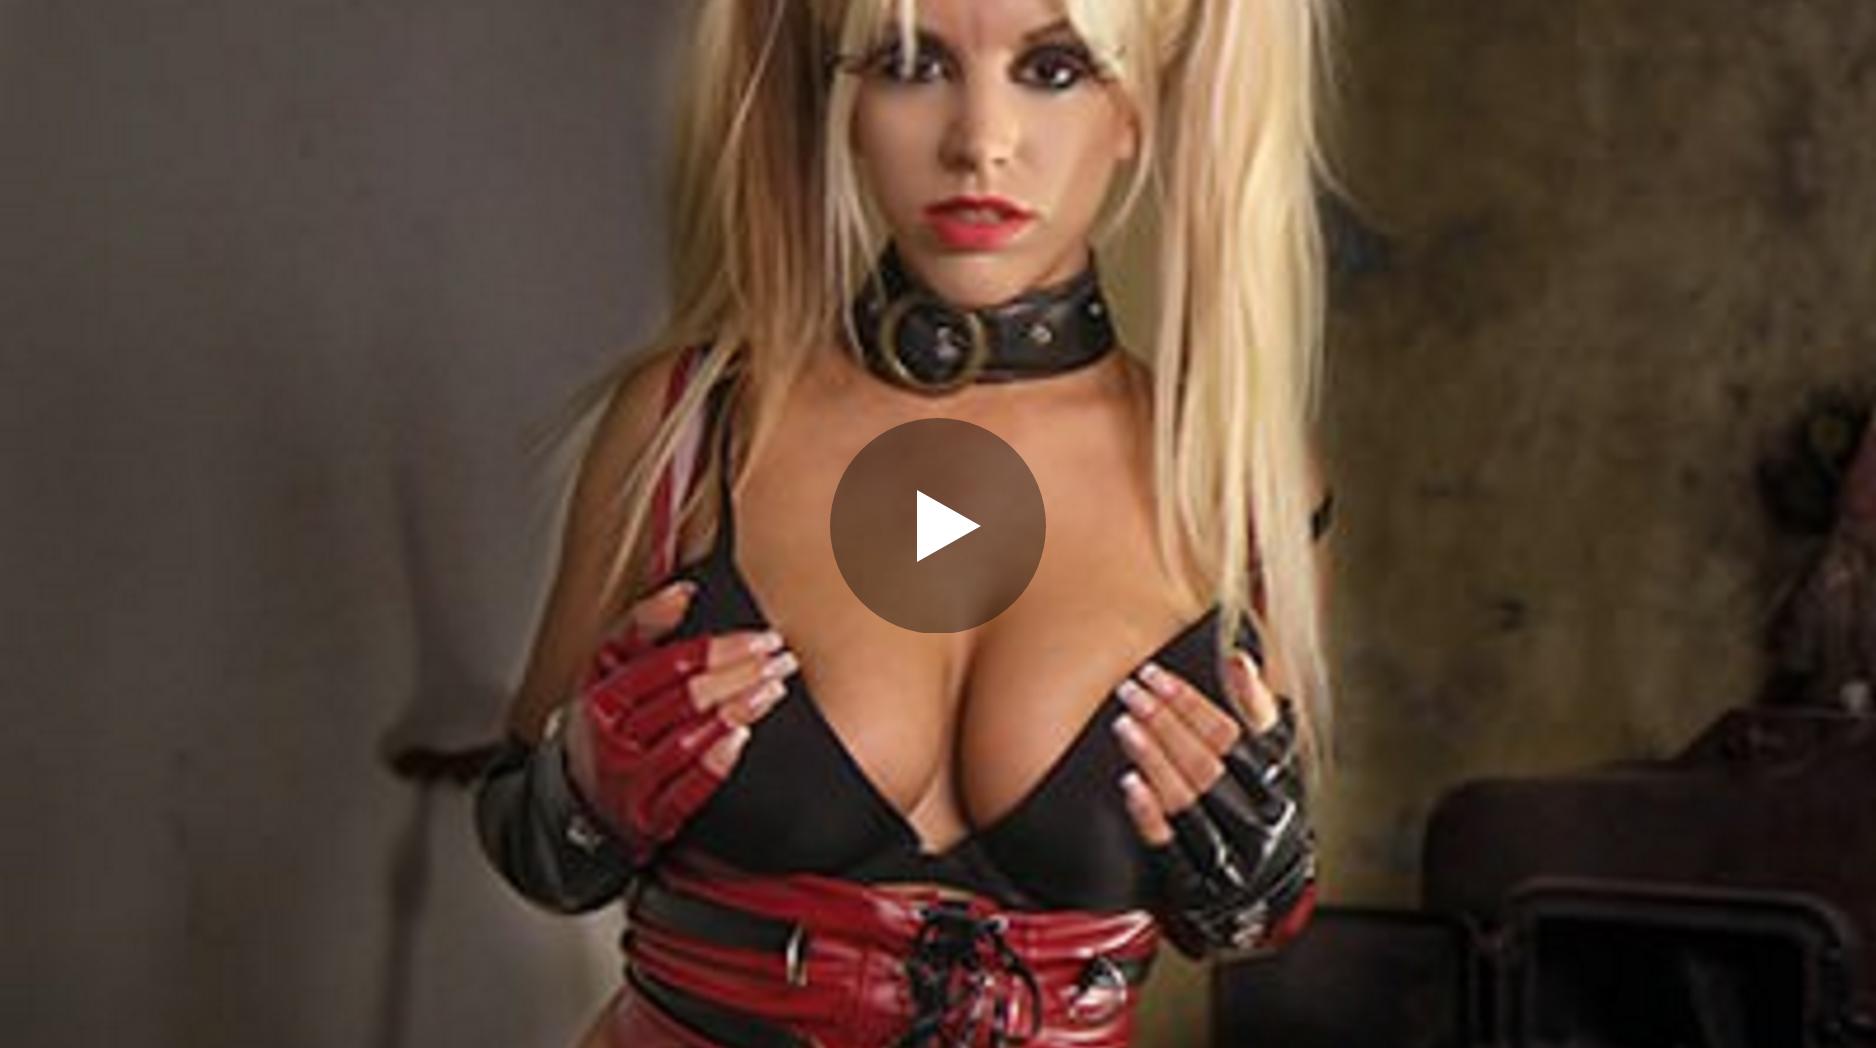 harley quinn porn videos